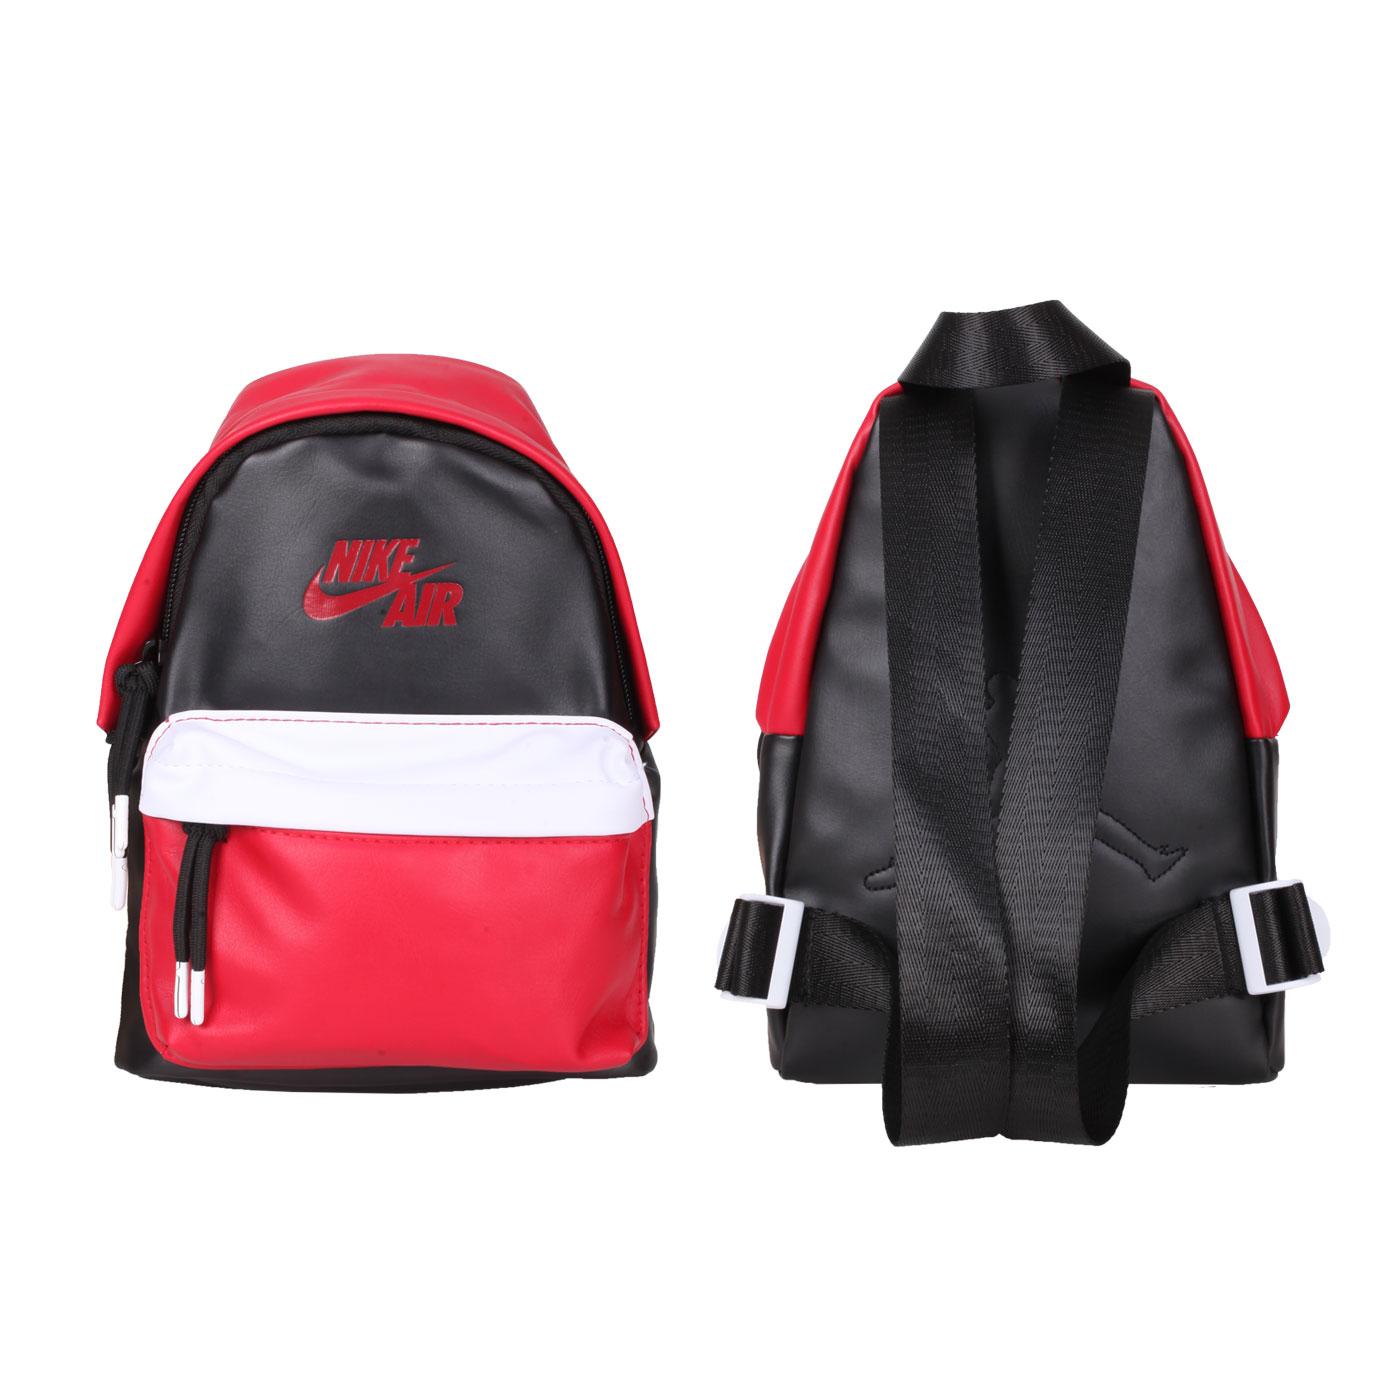 NIKE JORDAN 小型雙肩包 JD2113010TD-001 - 紅黑白